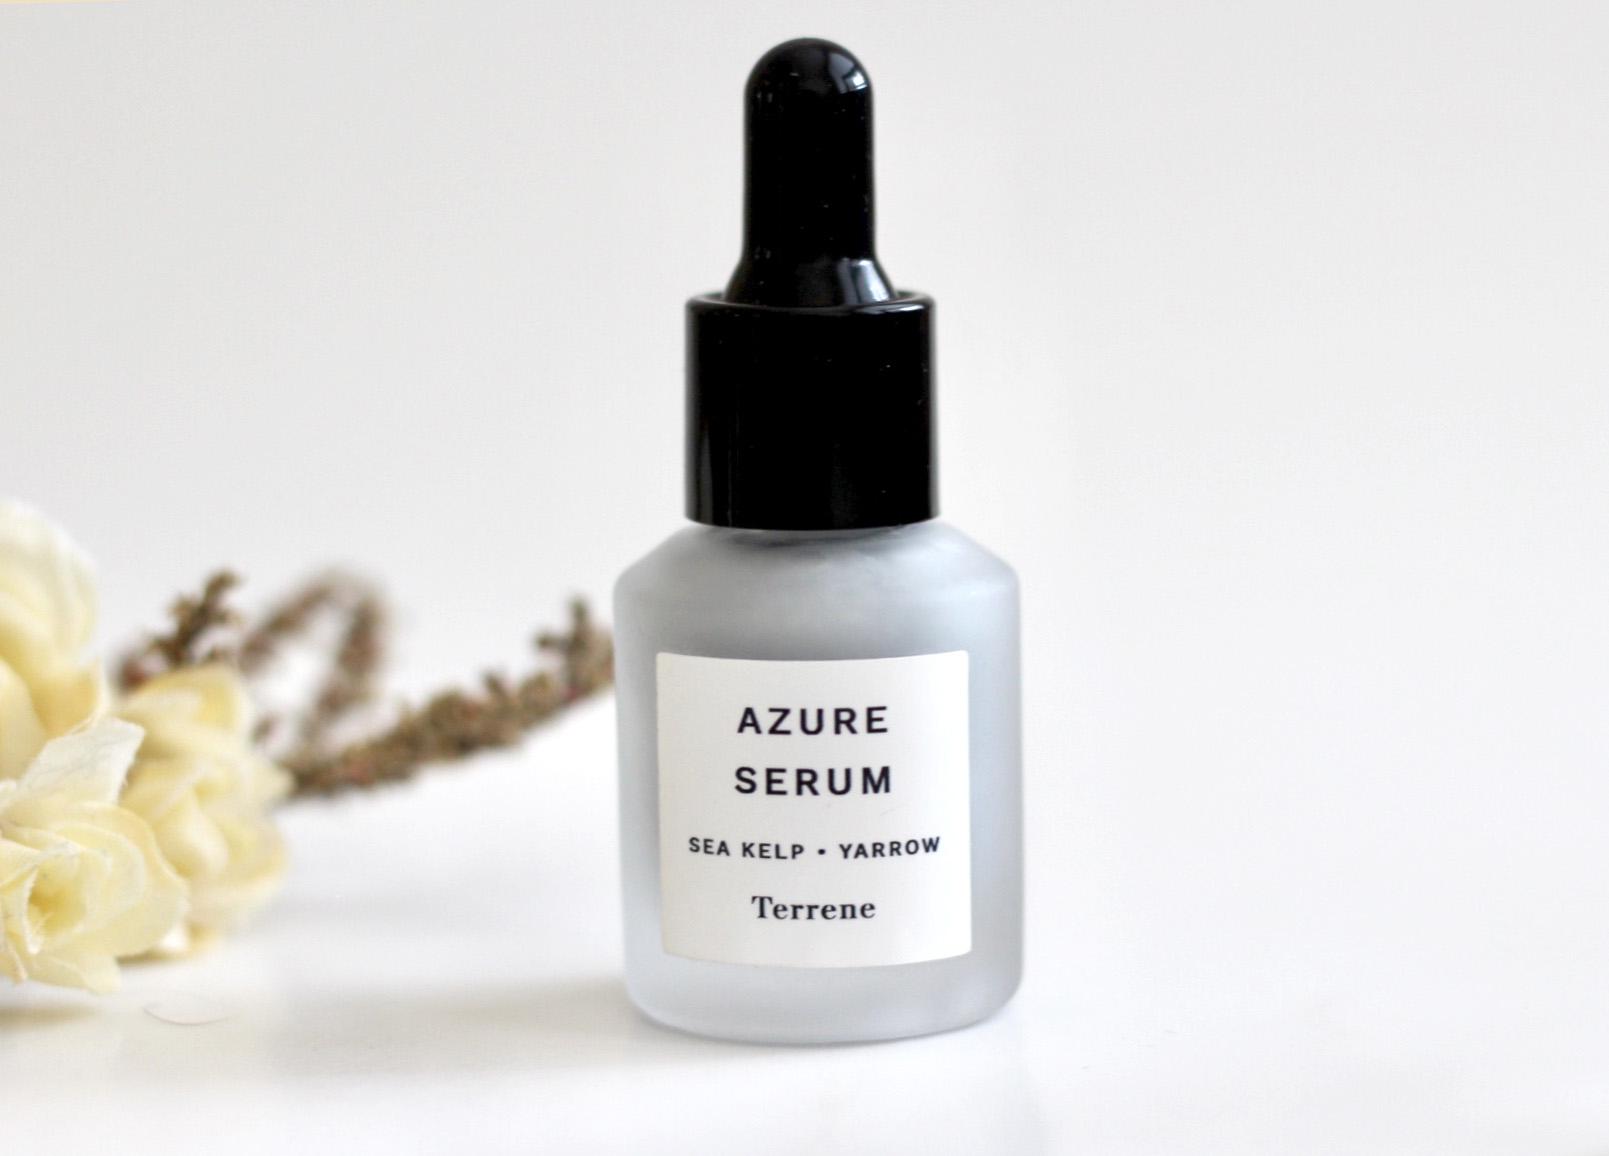 Azure - Azure Serum